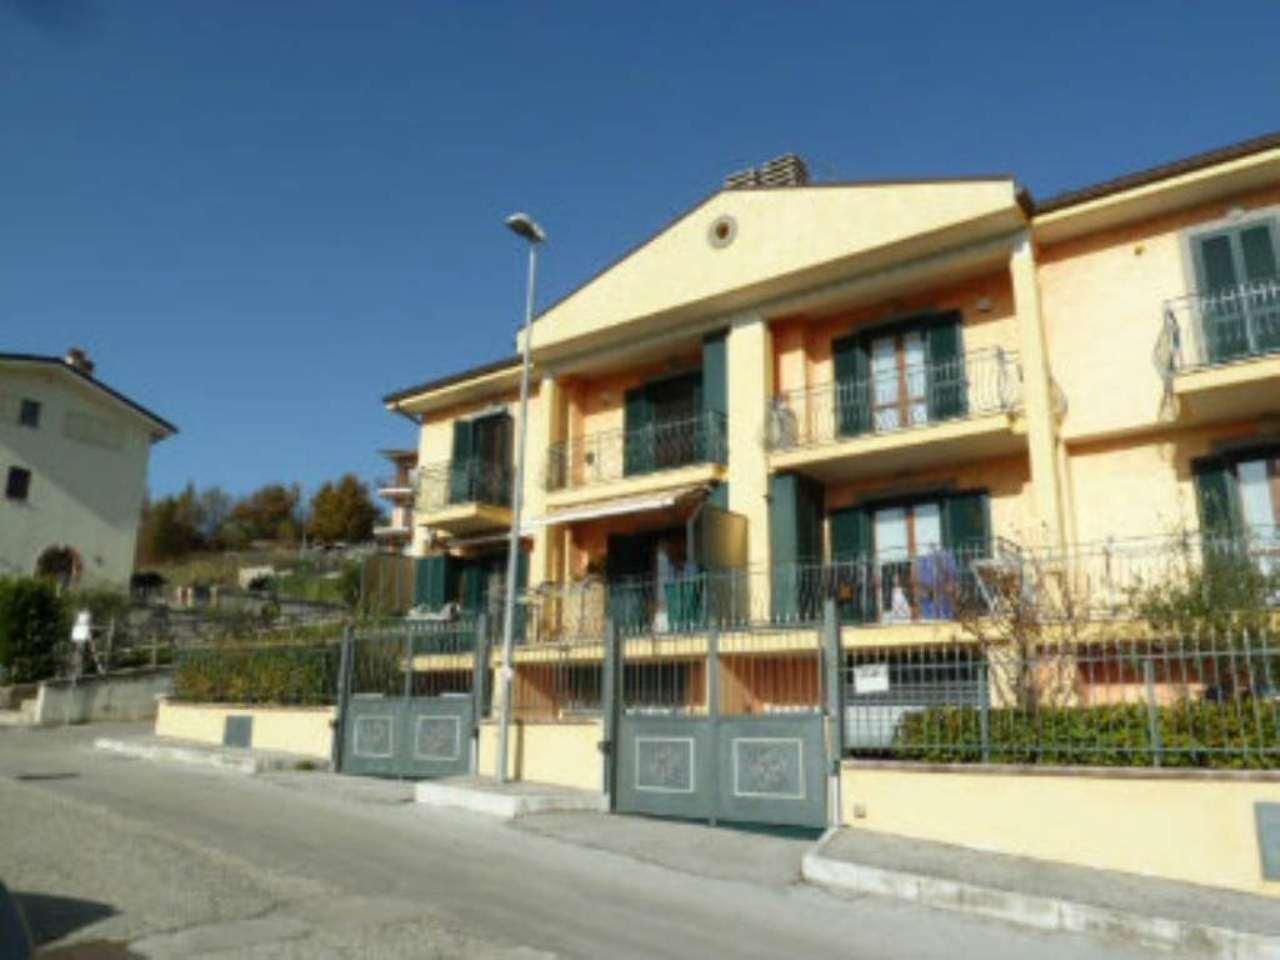 Palazzo / Stabile in vendita a Carsoli, 6 locali, prezzo € 235.000 | Cambio Casa.it